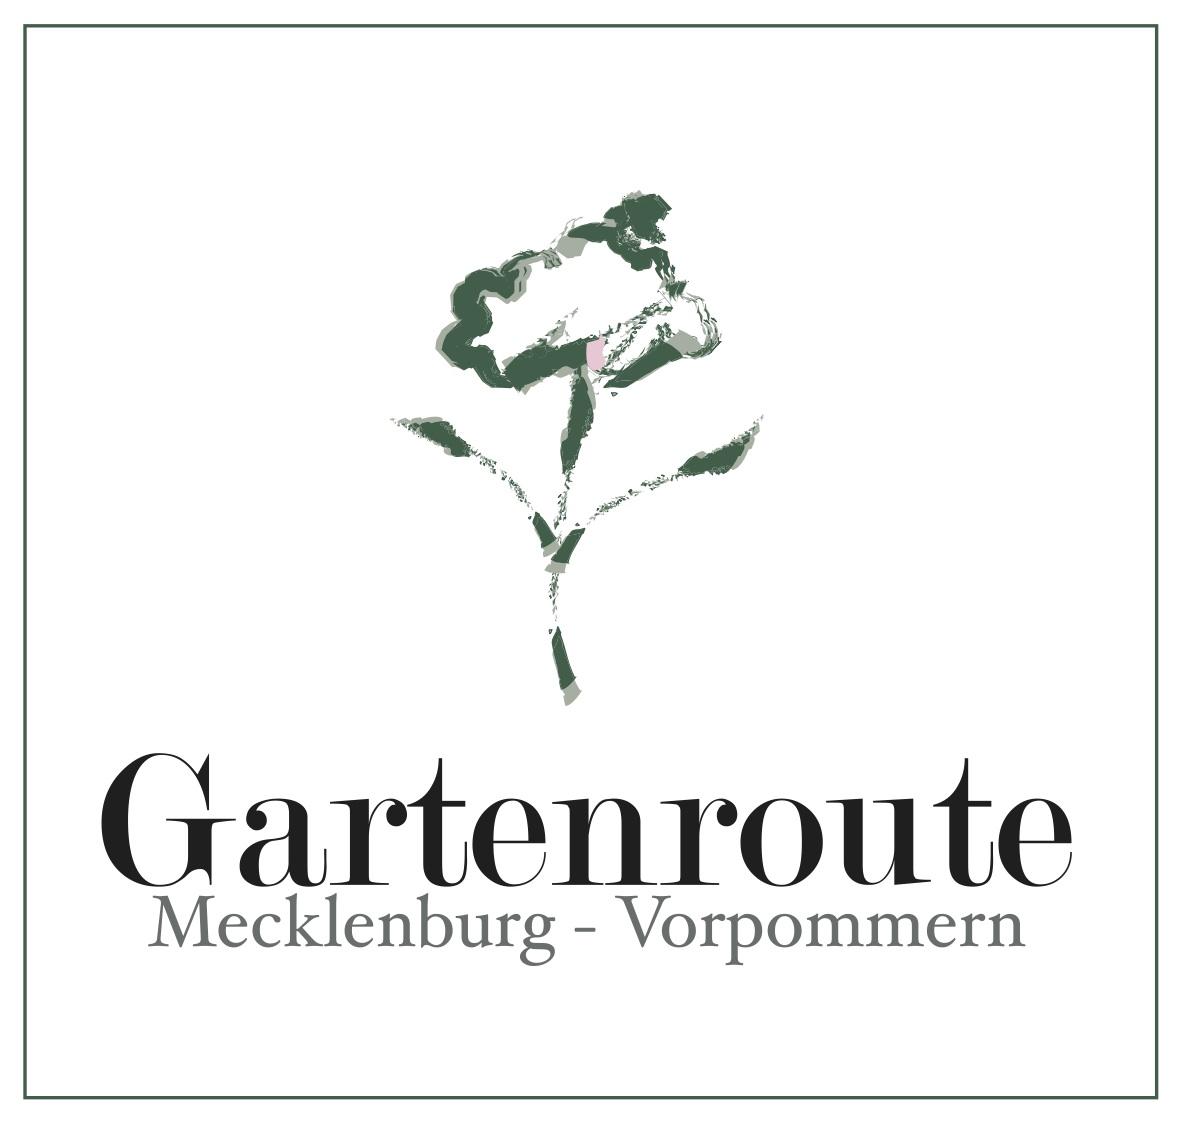 Gartenroute Mecklenburg-Vorpommern